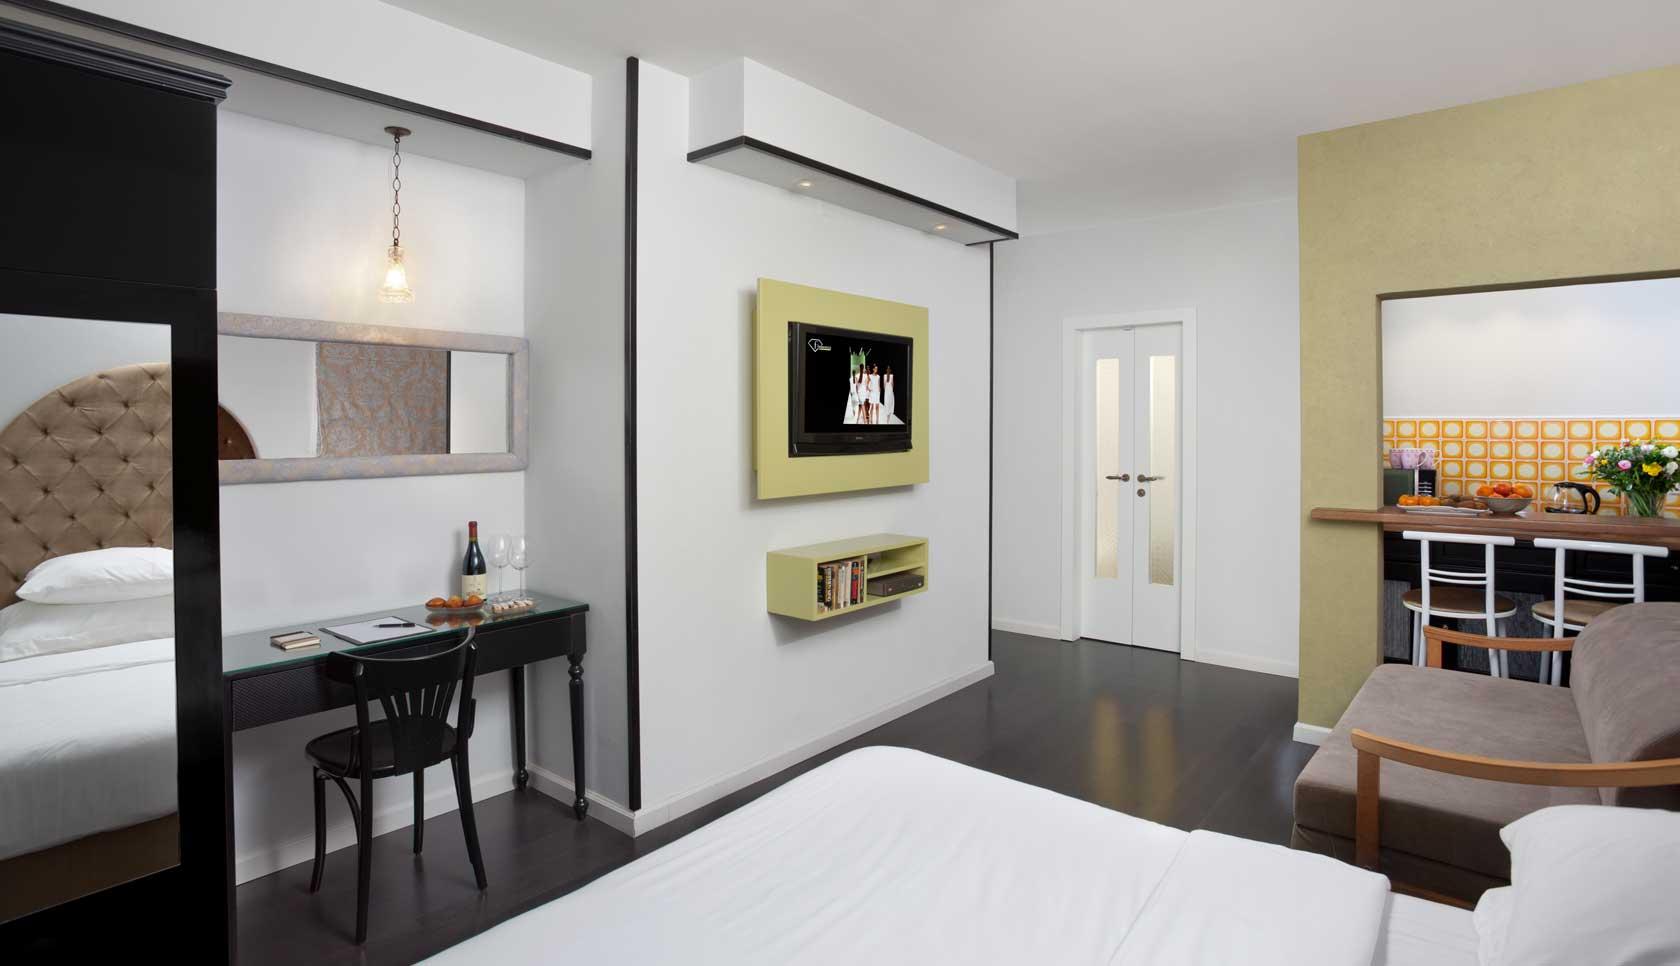 מלון שטרקמן ארנה נהריה חדר סופיריור